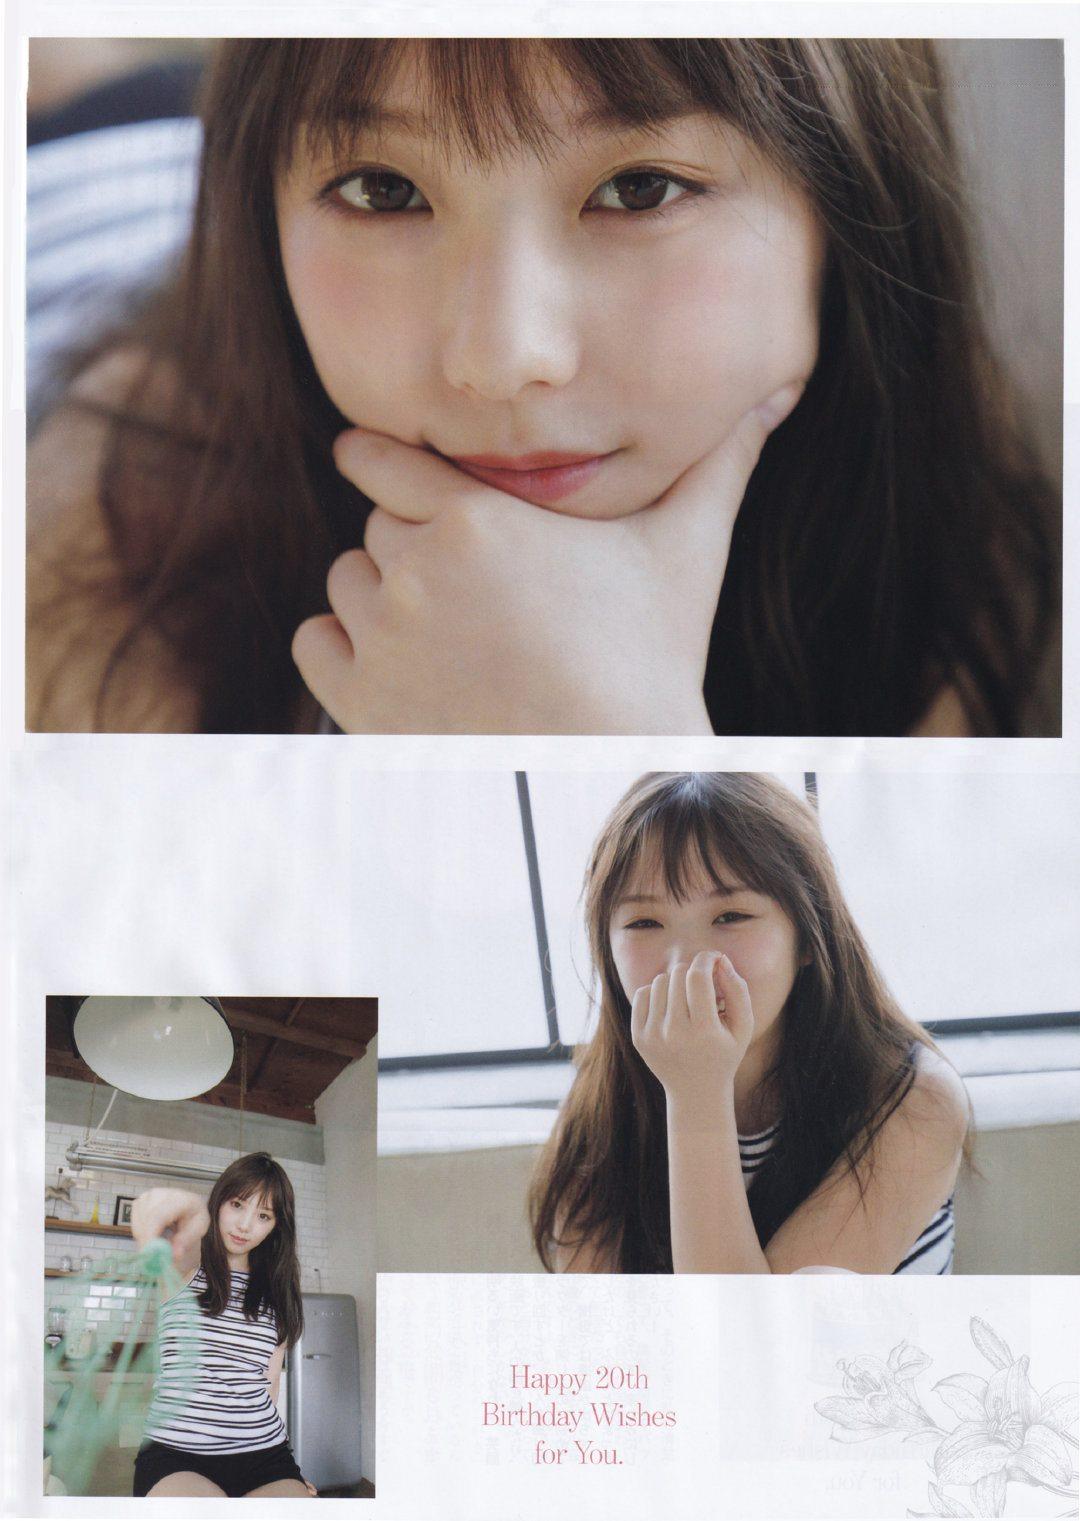 与田佑希清新脱俗美到让人深陷恋爱 养眼图片 第12张